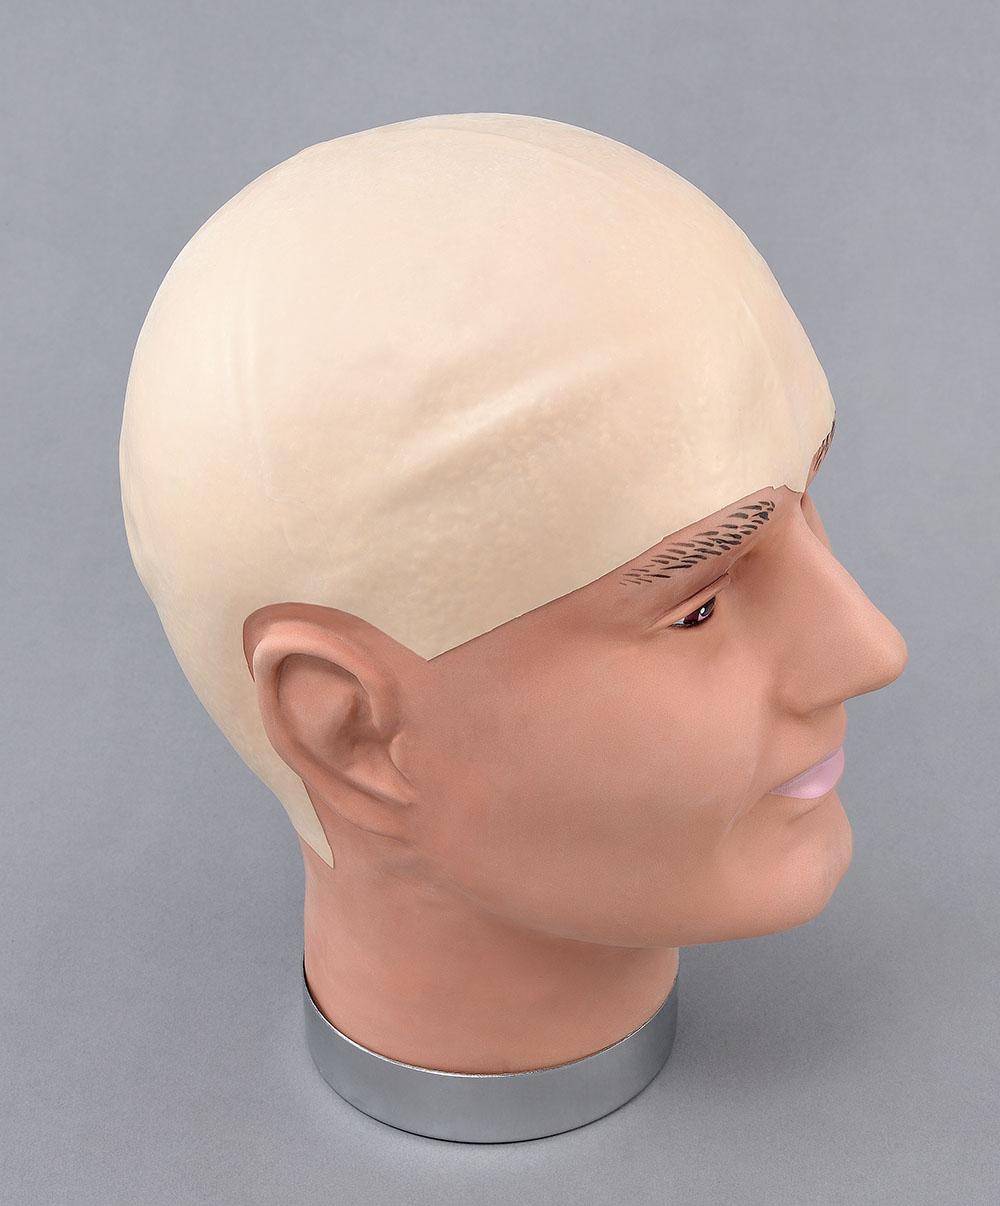 Bald_head_caps